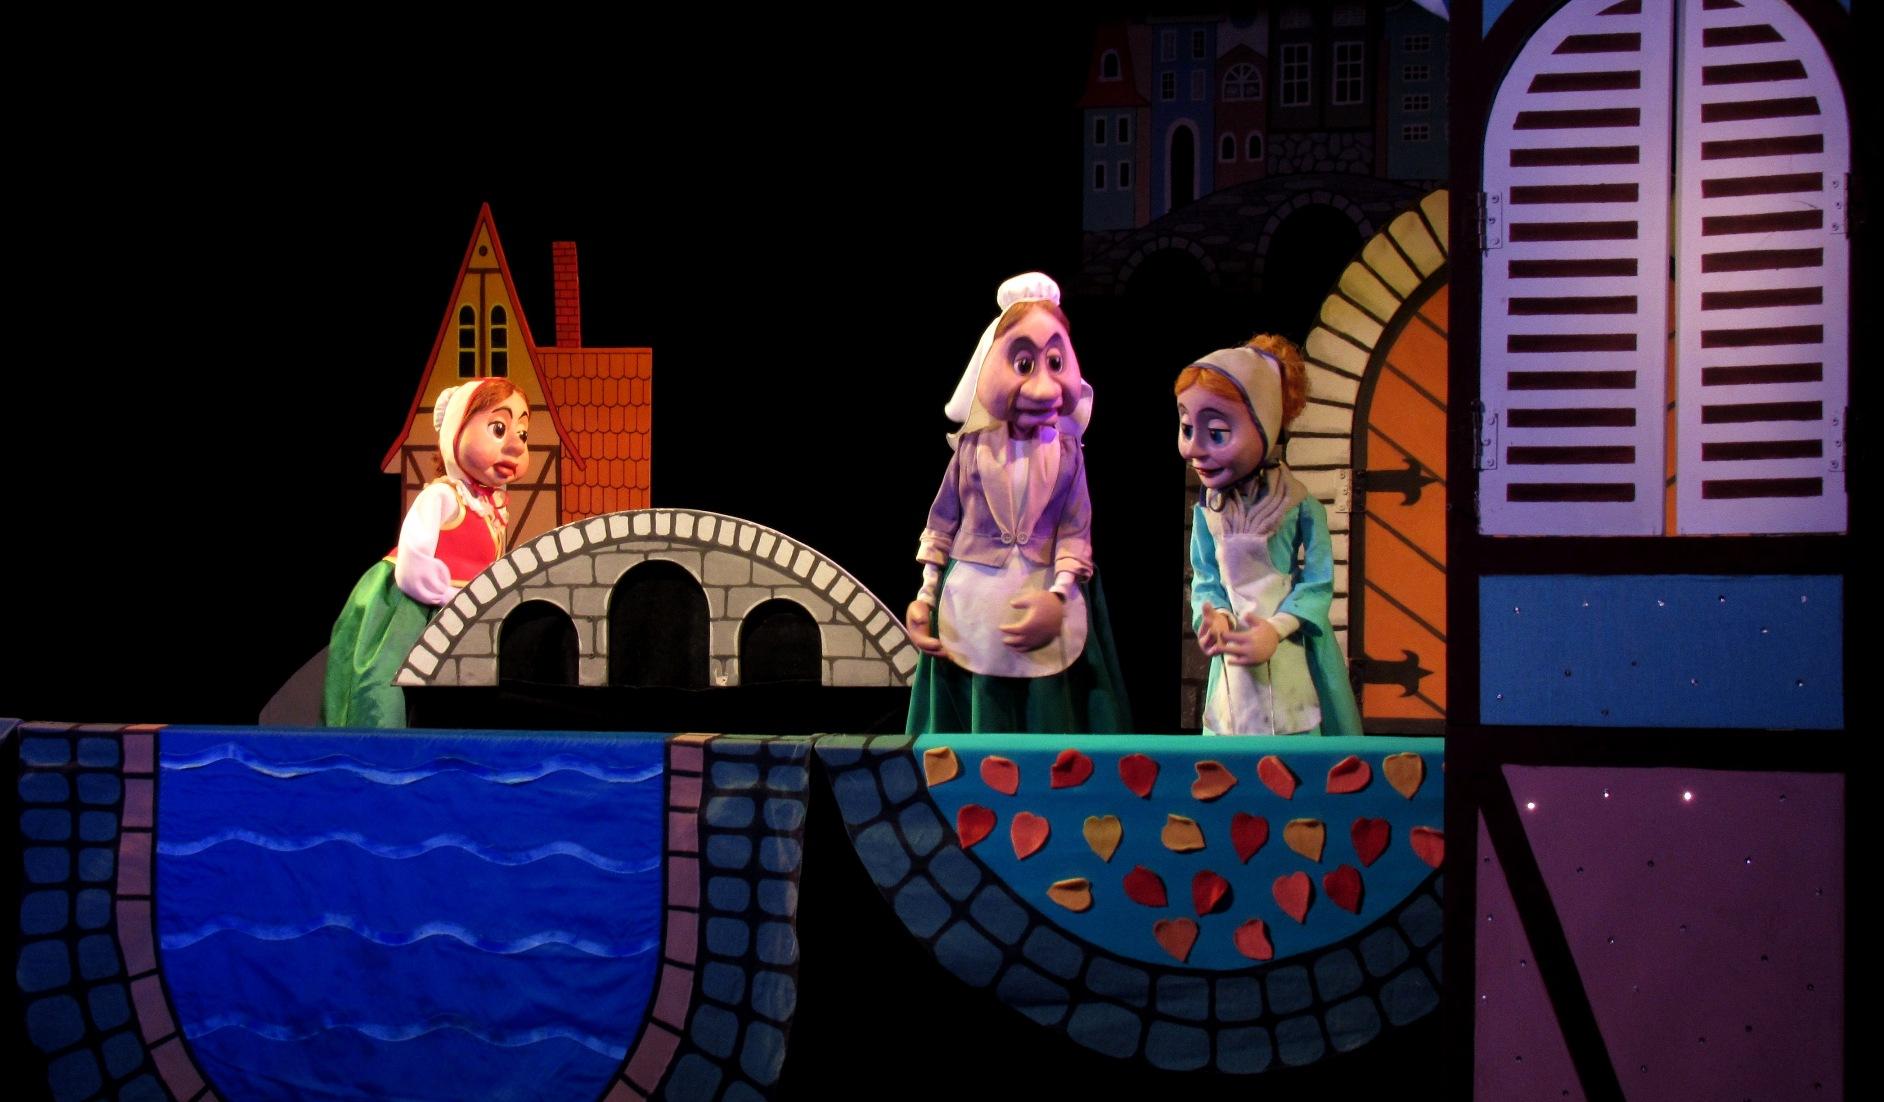 Фотография из спектакля Госпожа Метелица